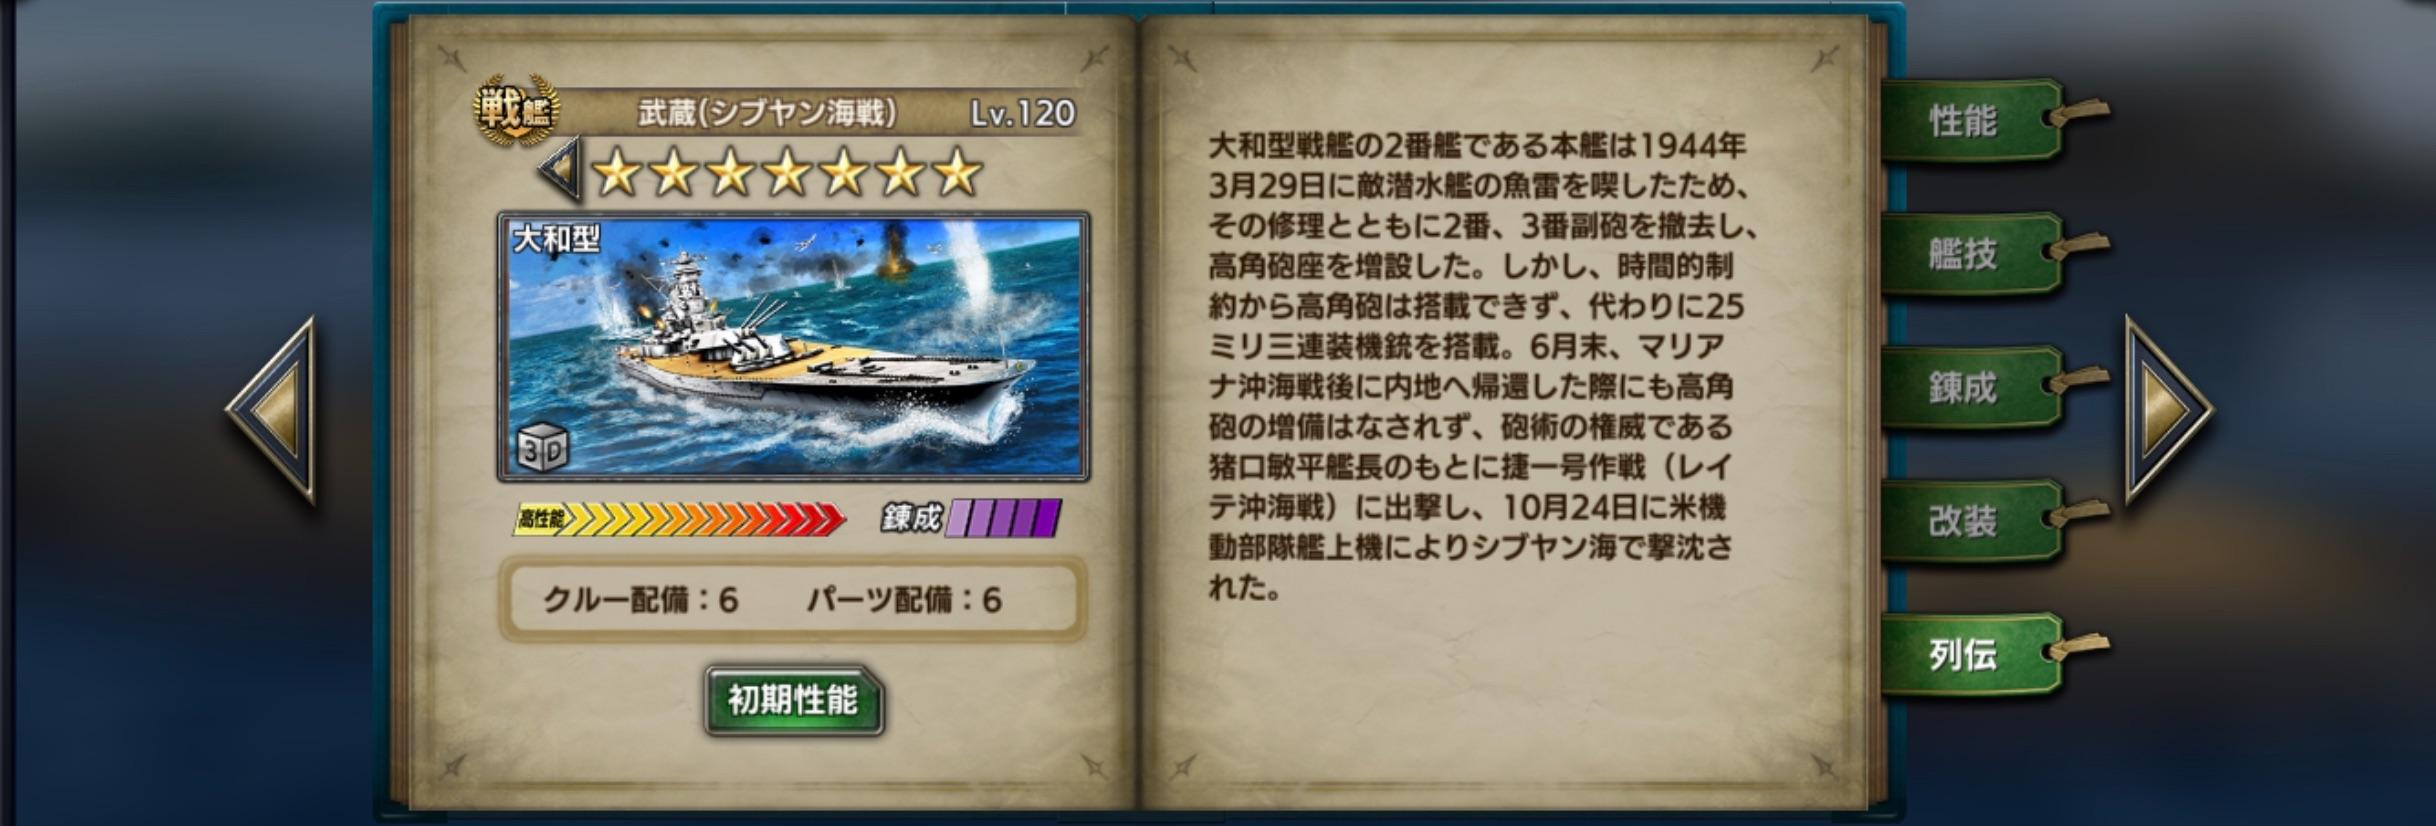 MusashiS-history